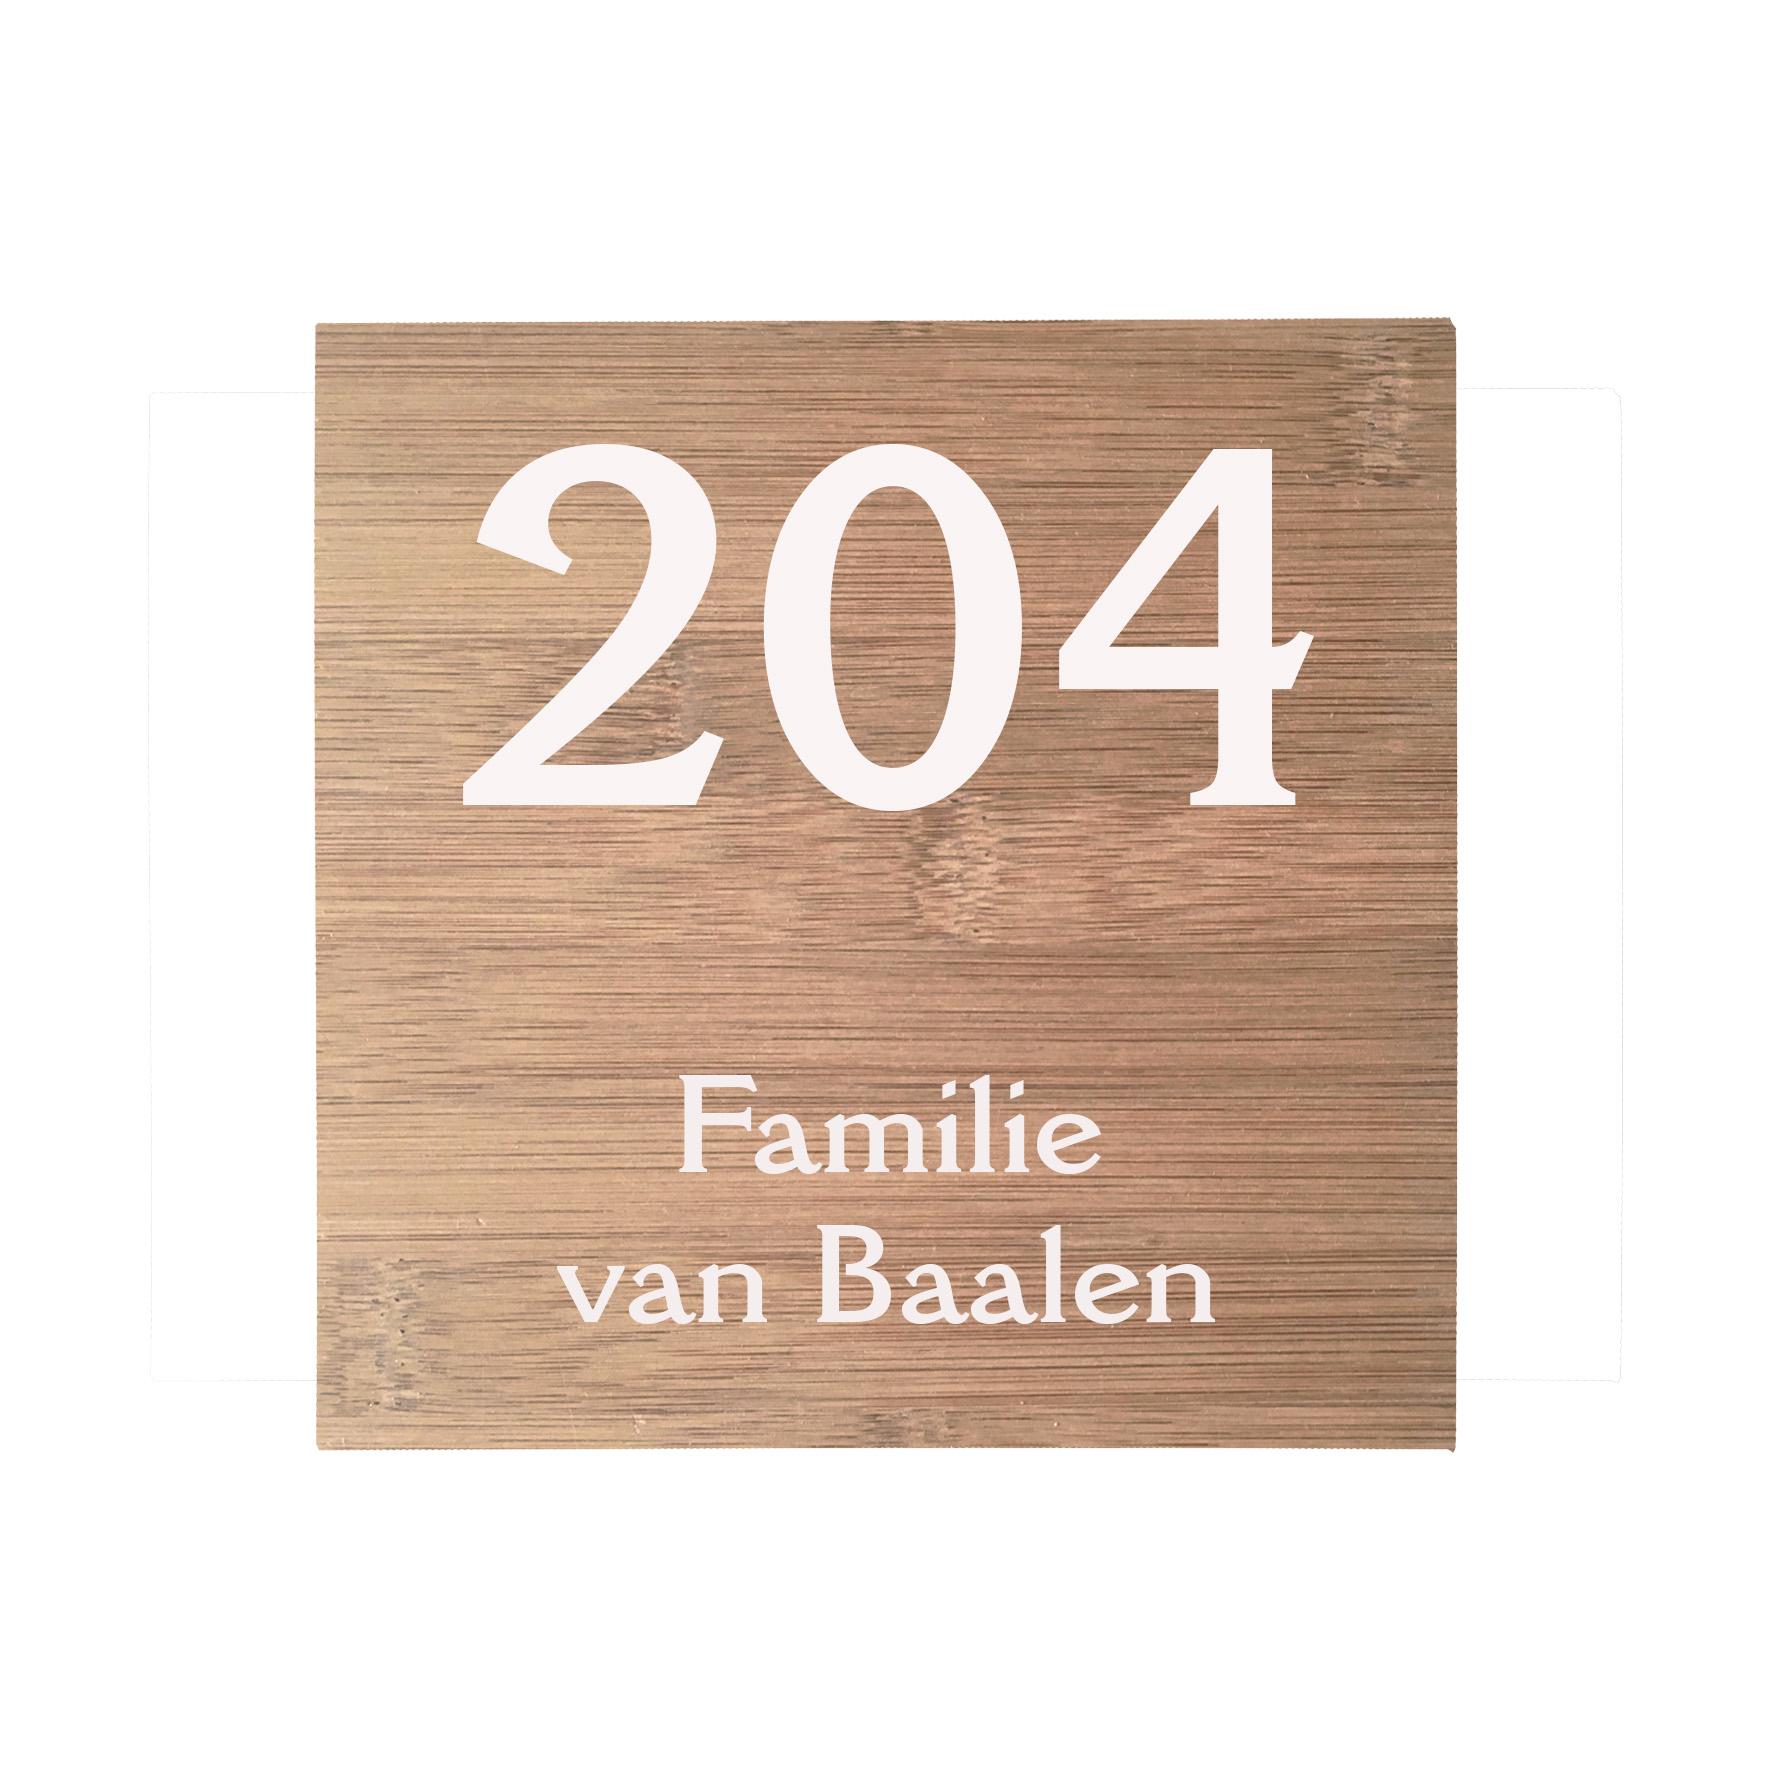 Naamplaat Bamboe 17,5x17,5cm laten maken